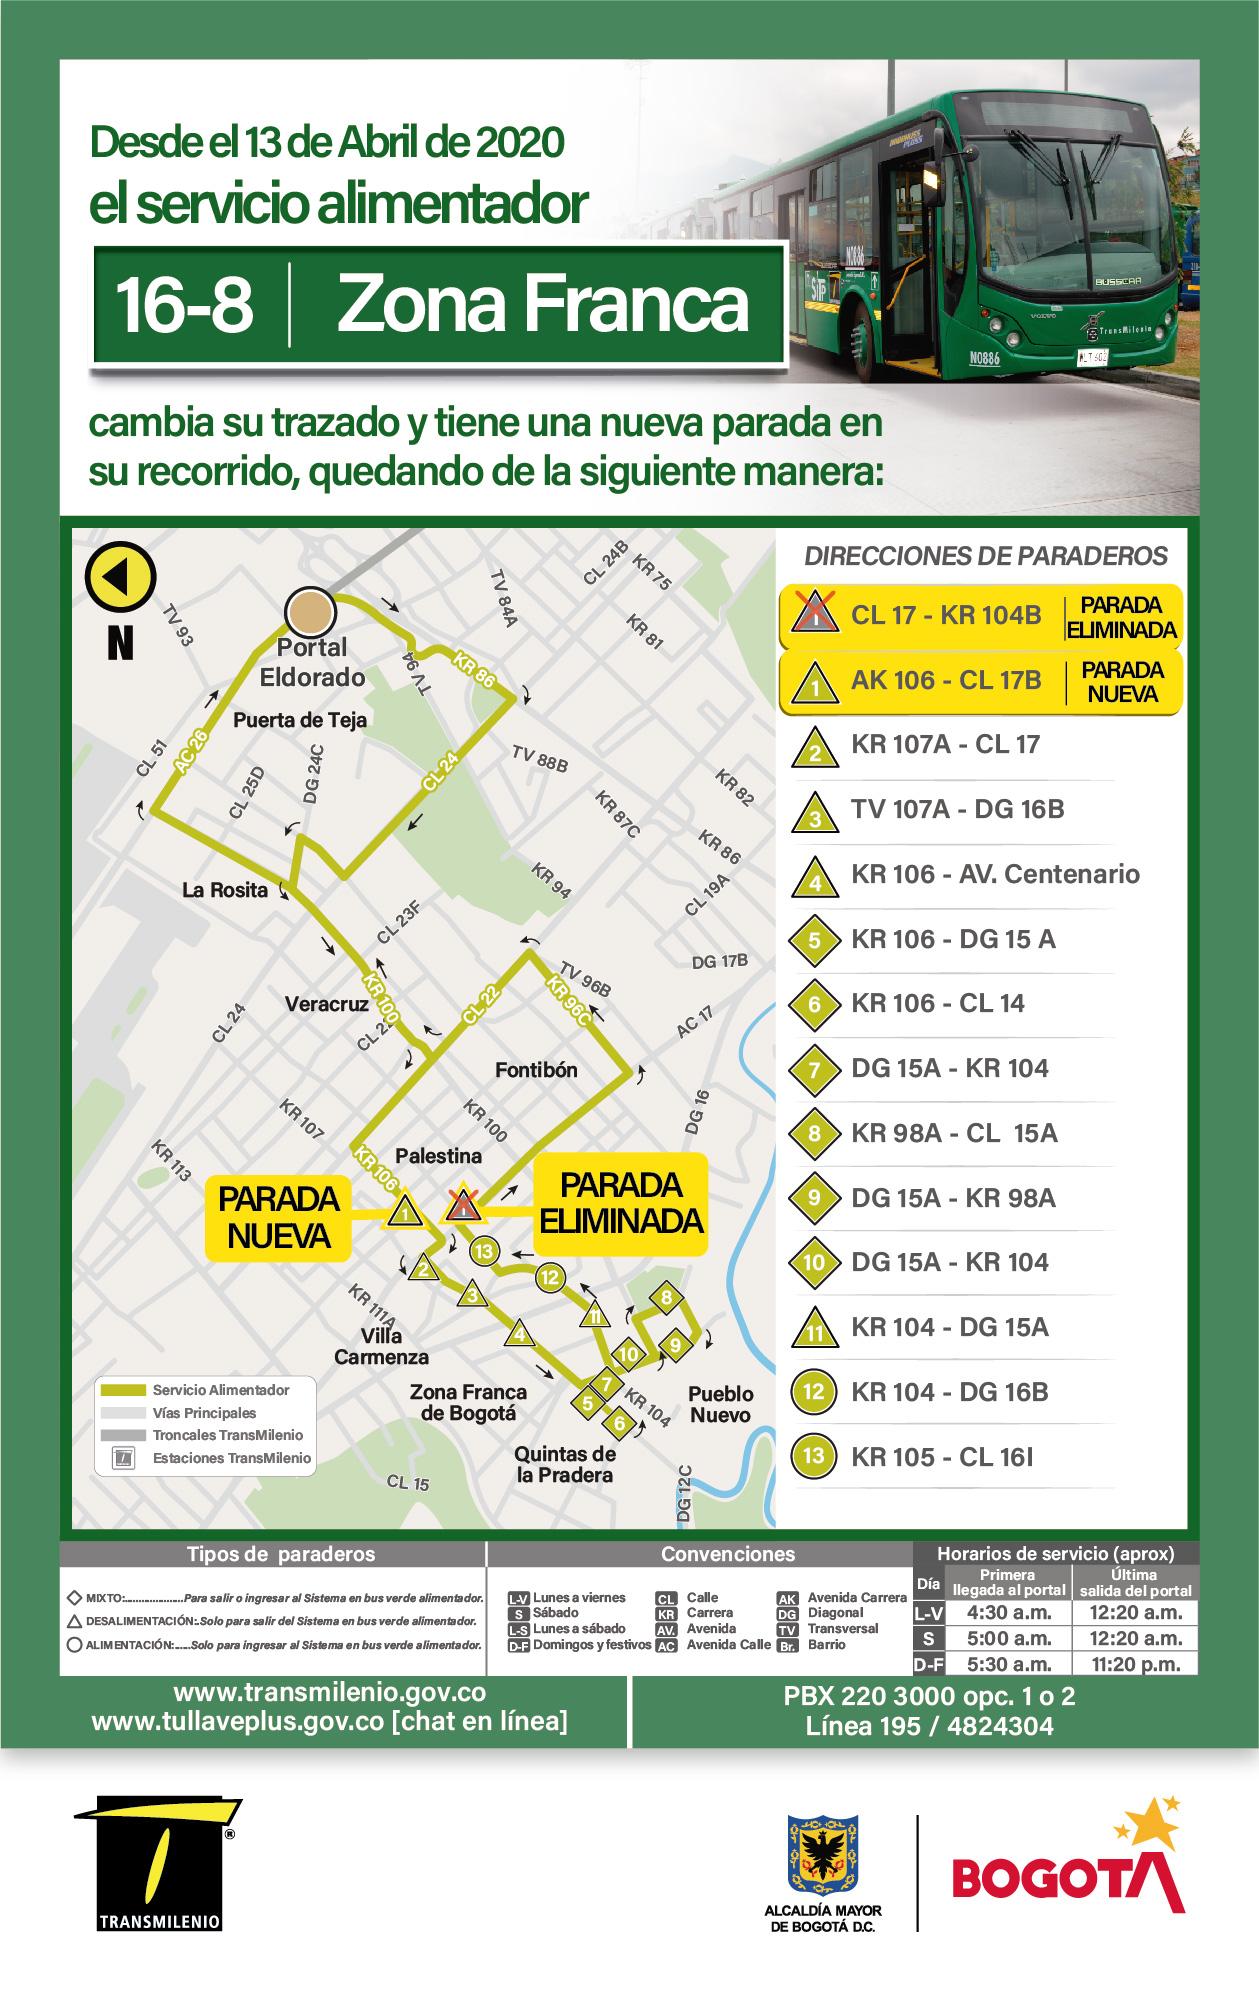 Mapa y paraderos de la ruta alimentadora 16-8 Zona Franca